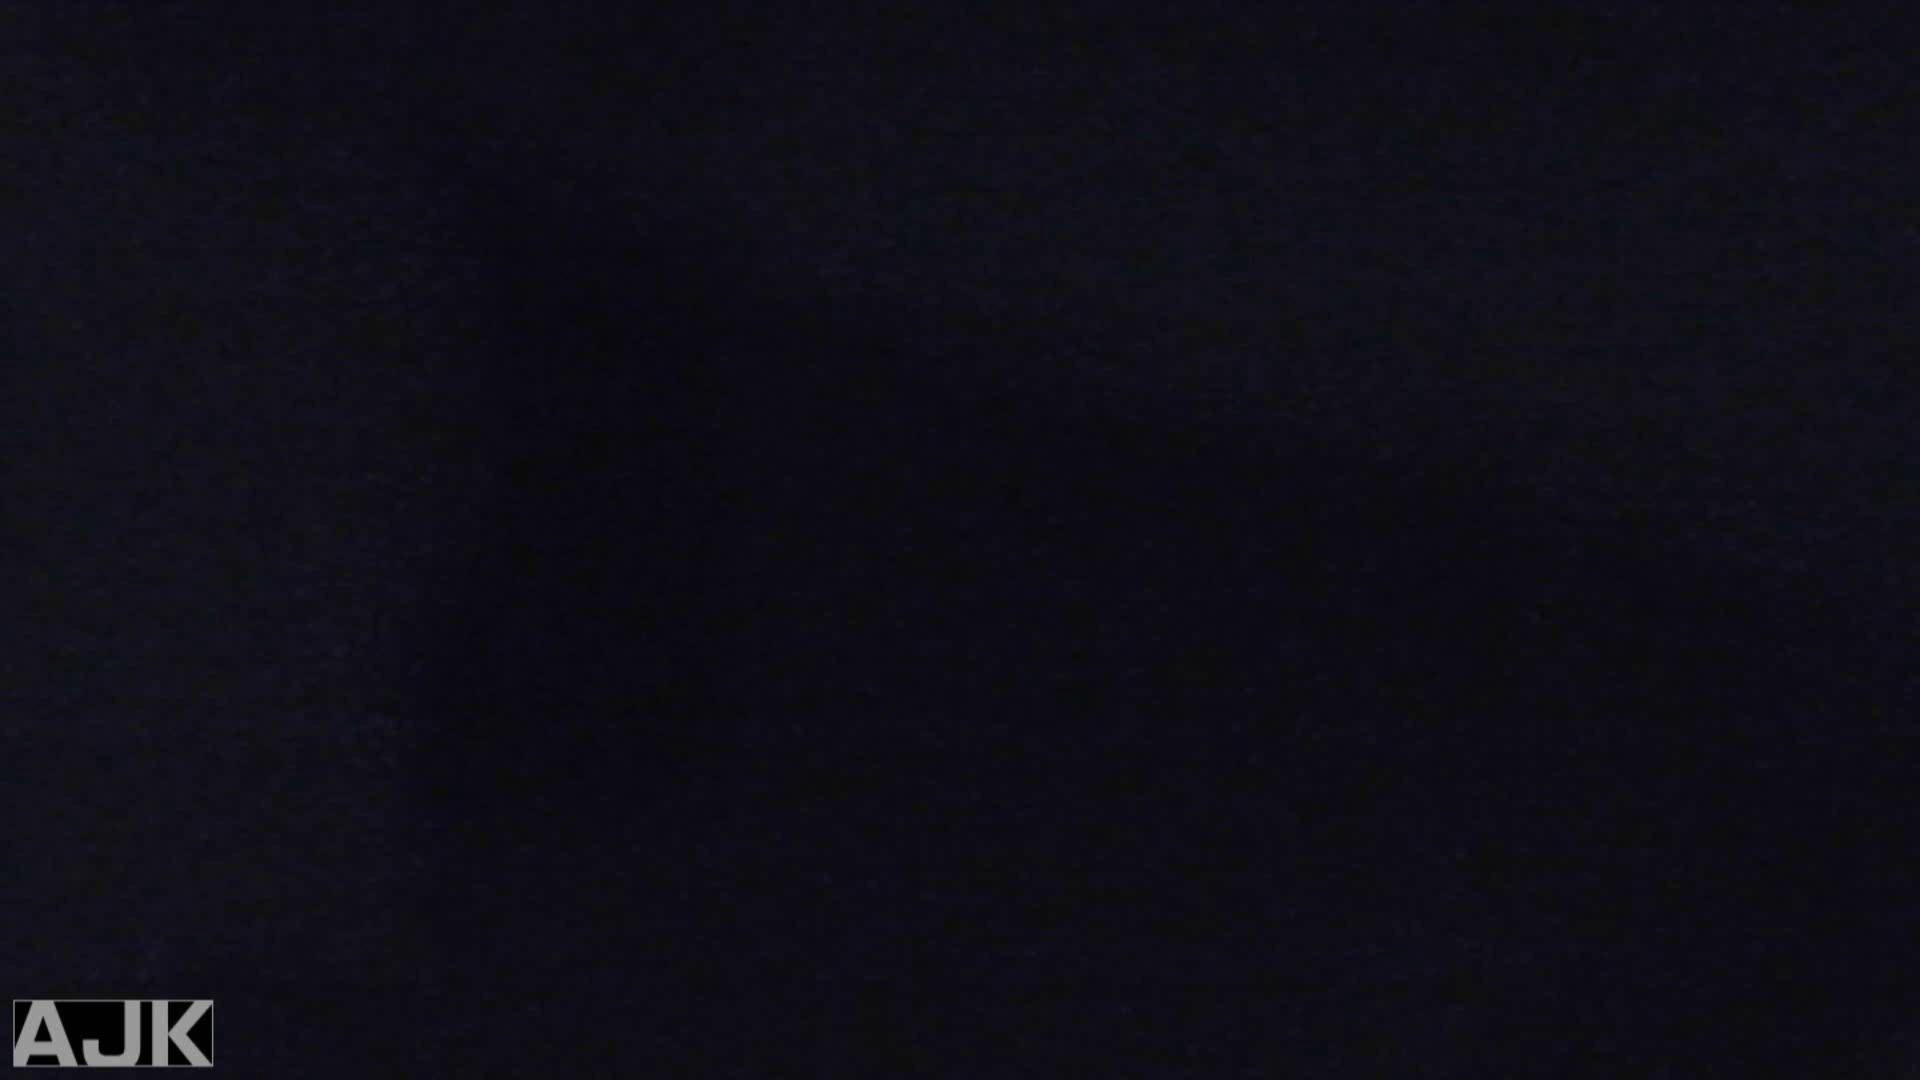 神降臨!史上最強の潜入かわや! vol.17 盗撮シリーズ  106PIX 18